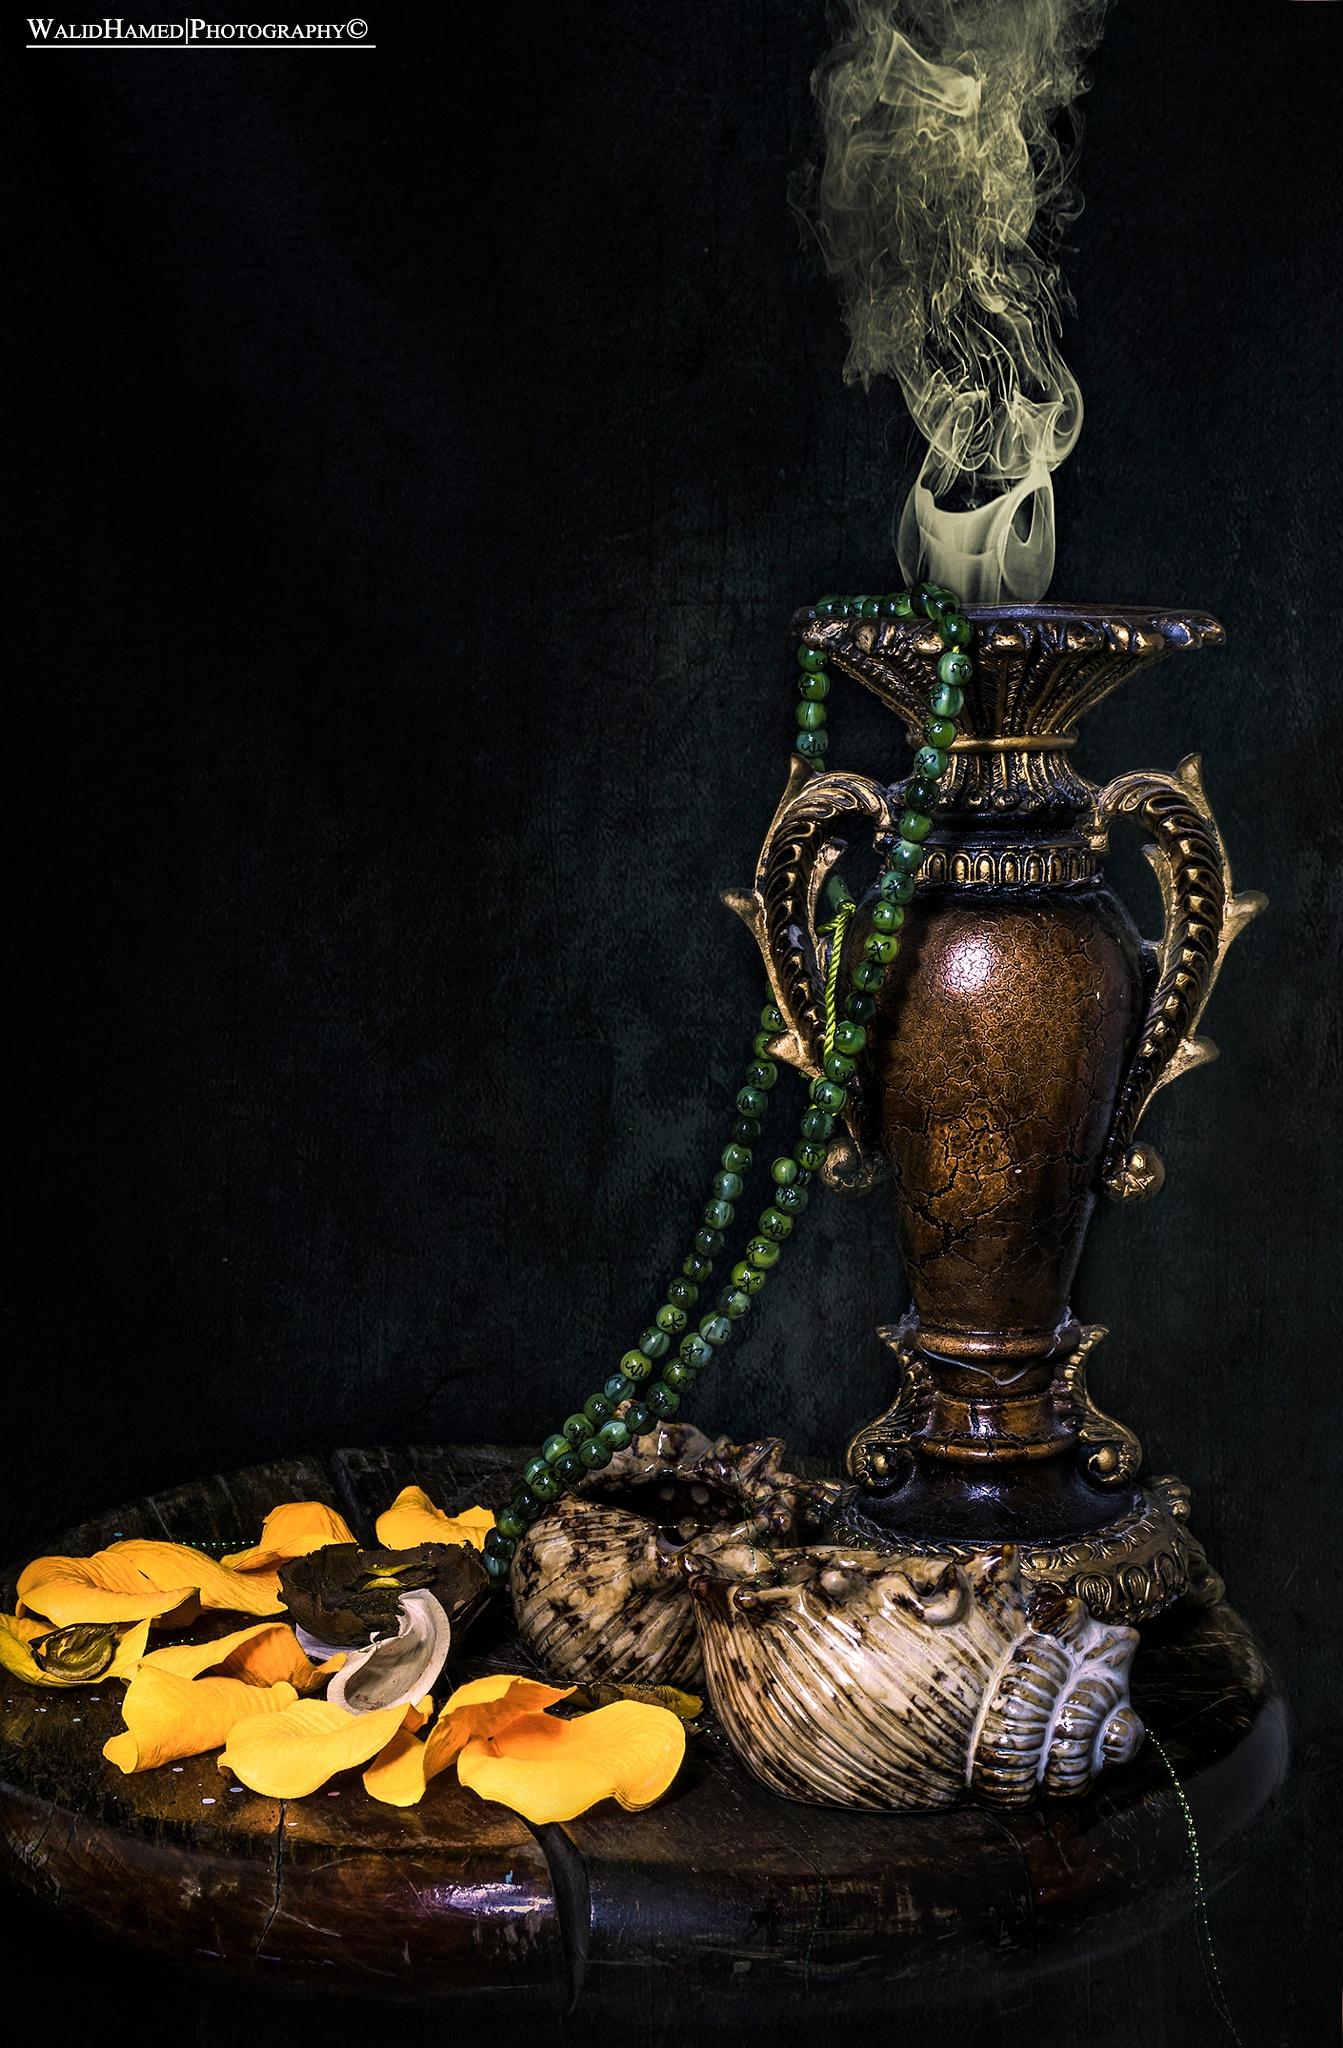 still life by Walid Hamed